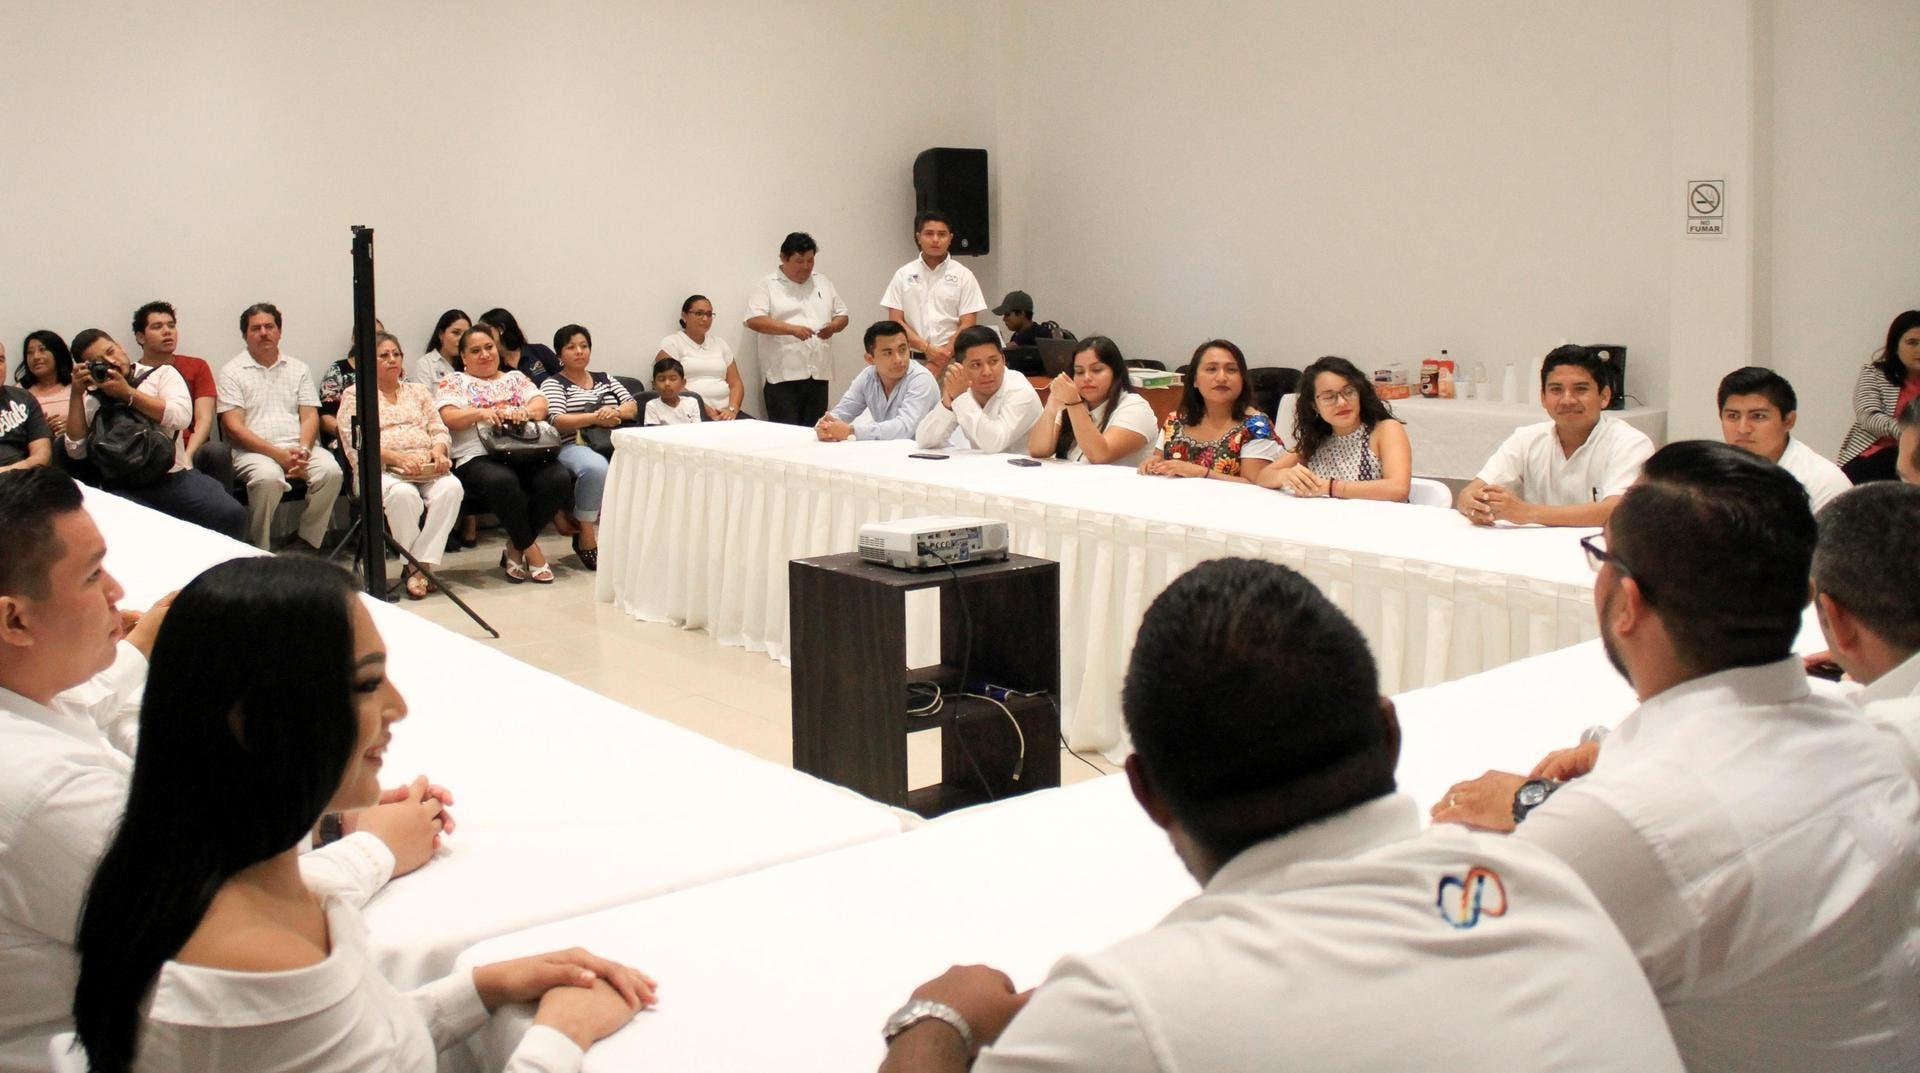 La alcaldesa establece políticas públicas, enmarcadas en el Plan Municipal de Desarrollo 2018-2021, a fin de generar mejores condiciones de desarrollo y oportunidades para los jóvenes de Puerto Morelos.